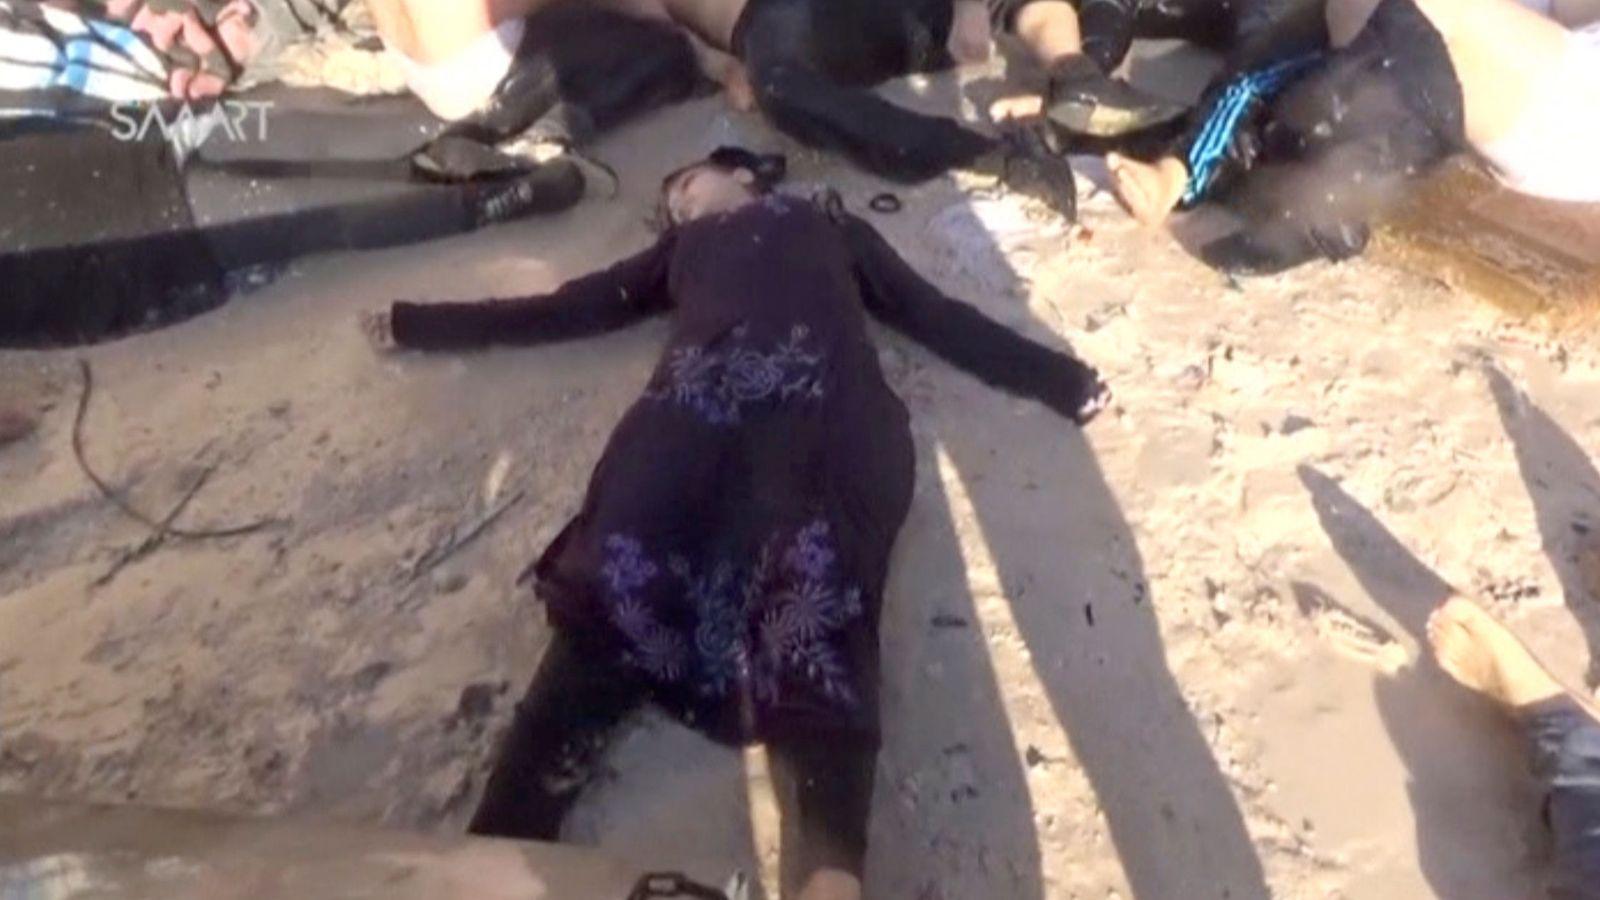 Foto: Imagen de un vídeo de las víctimas de Khan Sheikhoun, la localidad que sufrió el ataque químico este martes. (Reuters)